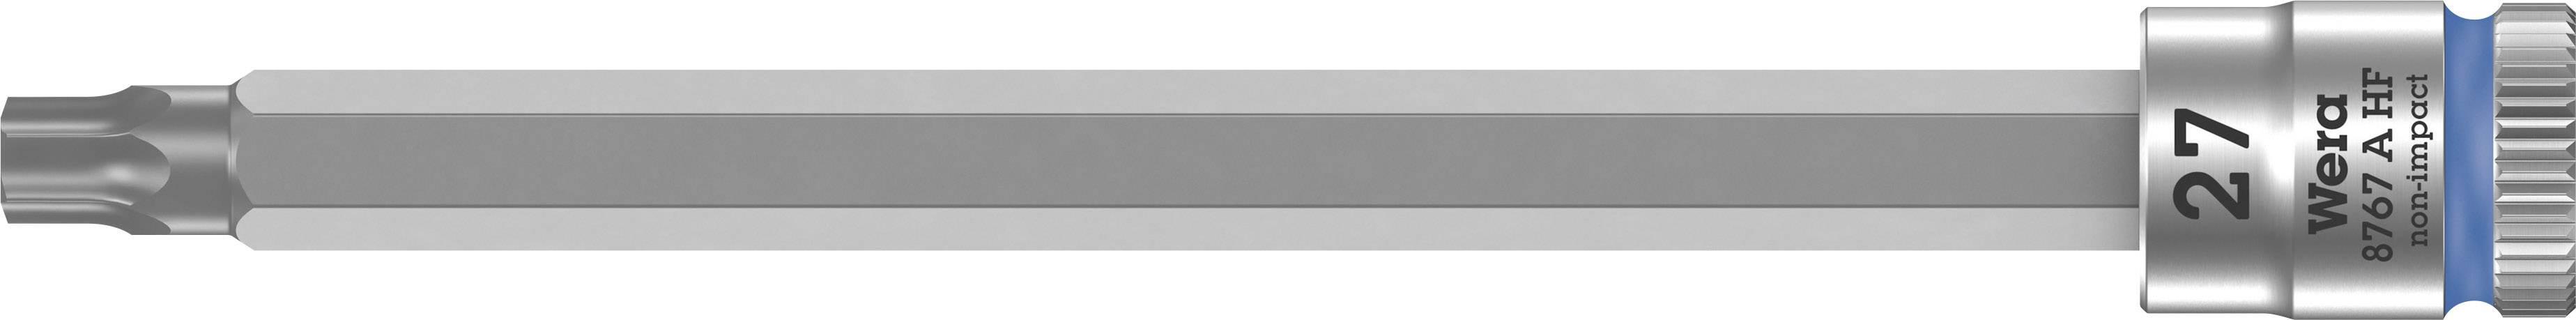 """Nástrčný klíč Wera 8767 A, TORX, 1/4"""" (6,3 mm), chrom-vanadová ocel 05003368001"""